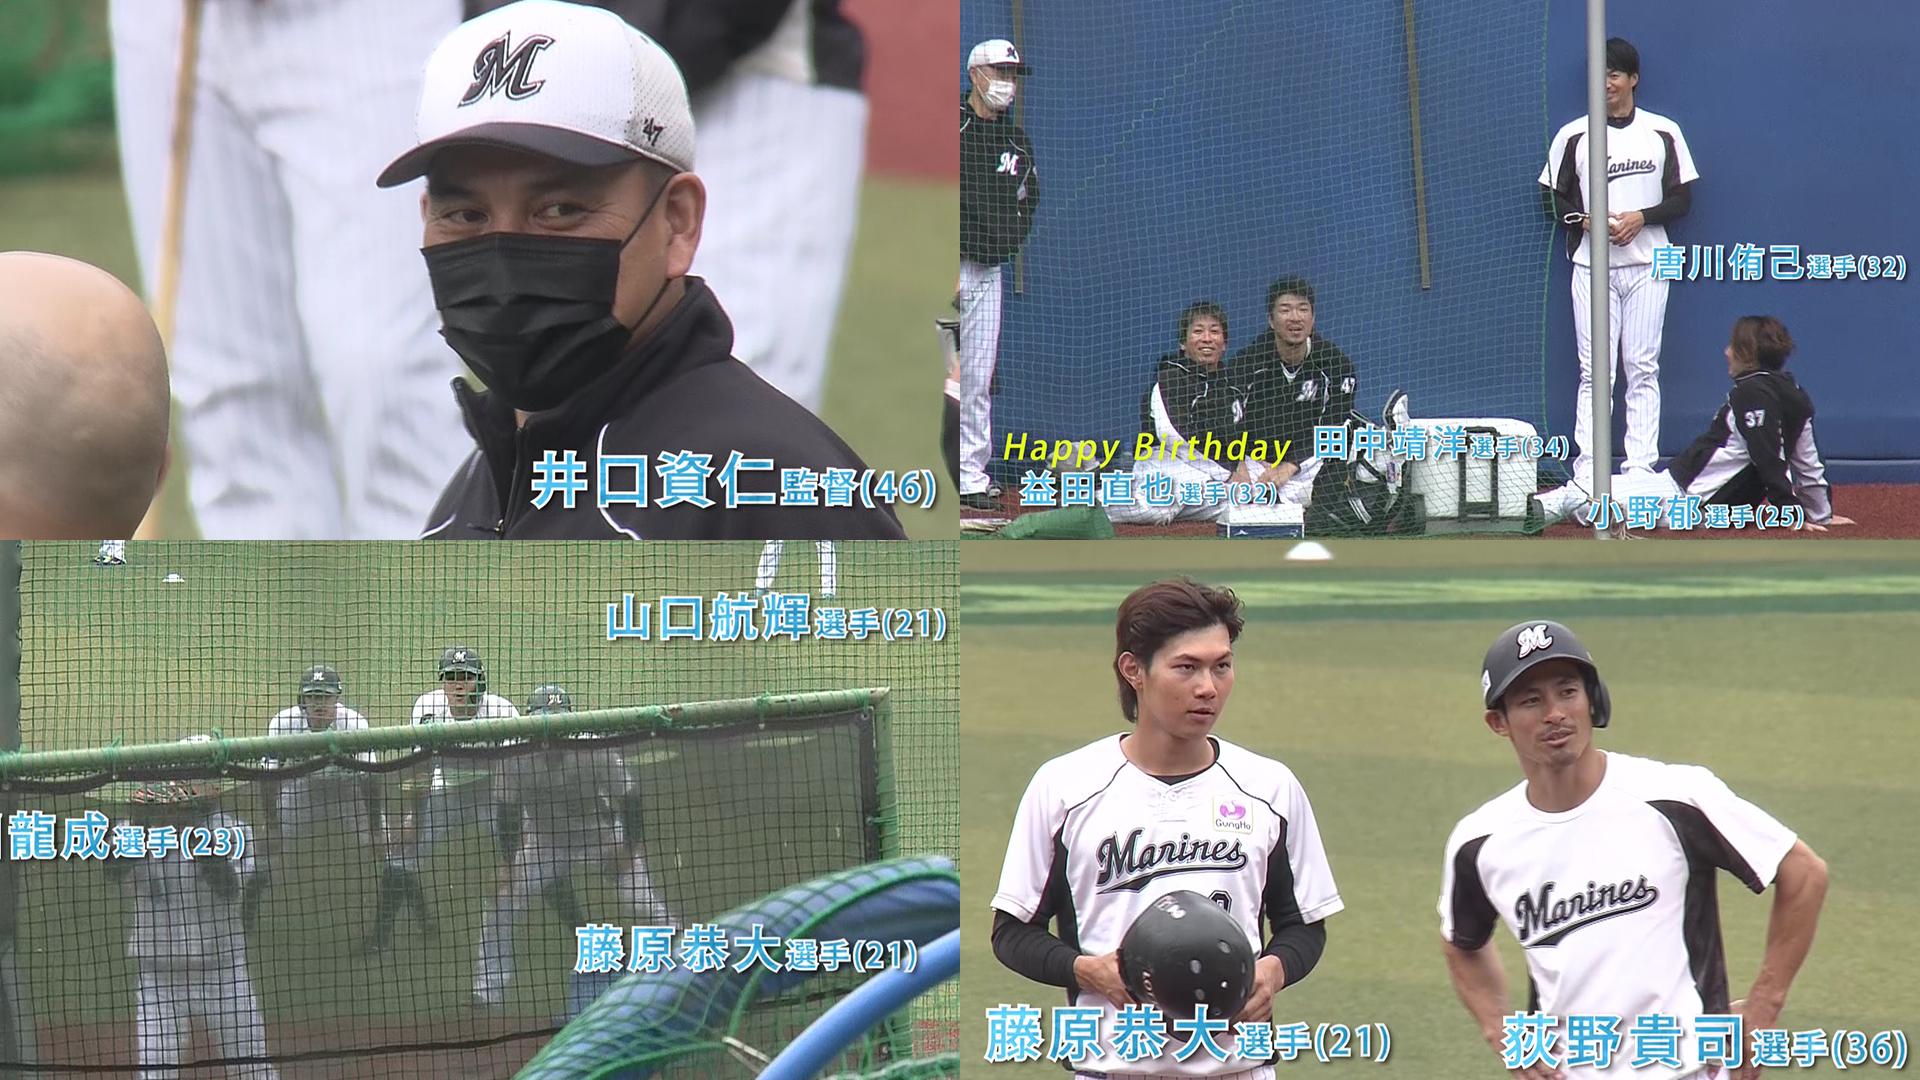 【ロッテ】悲願のリーグ優勝へ!泣いても笑っても残り4試合!選手の笑顔を集めました!